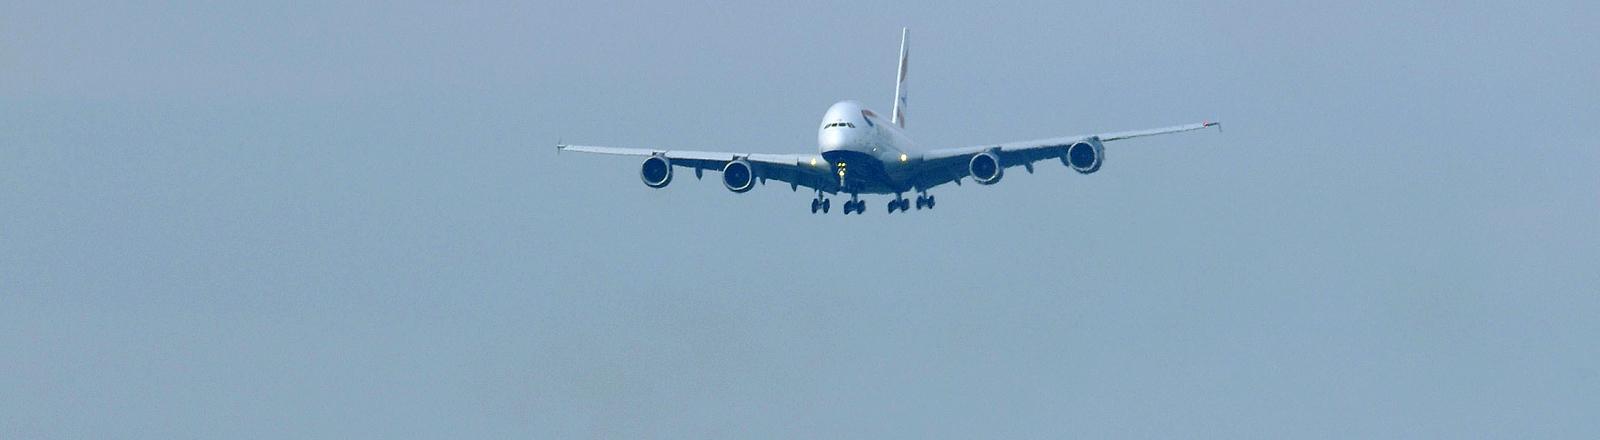 Flugzeug der Airline British Airways